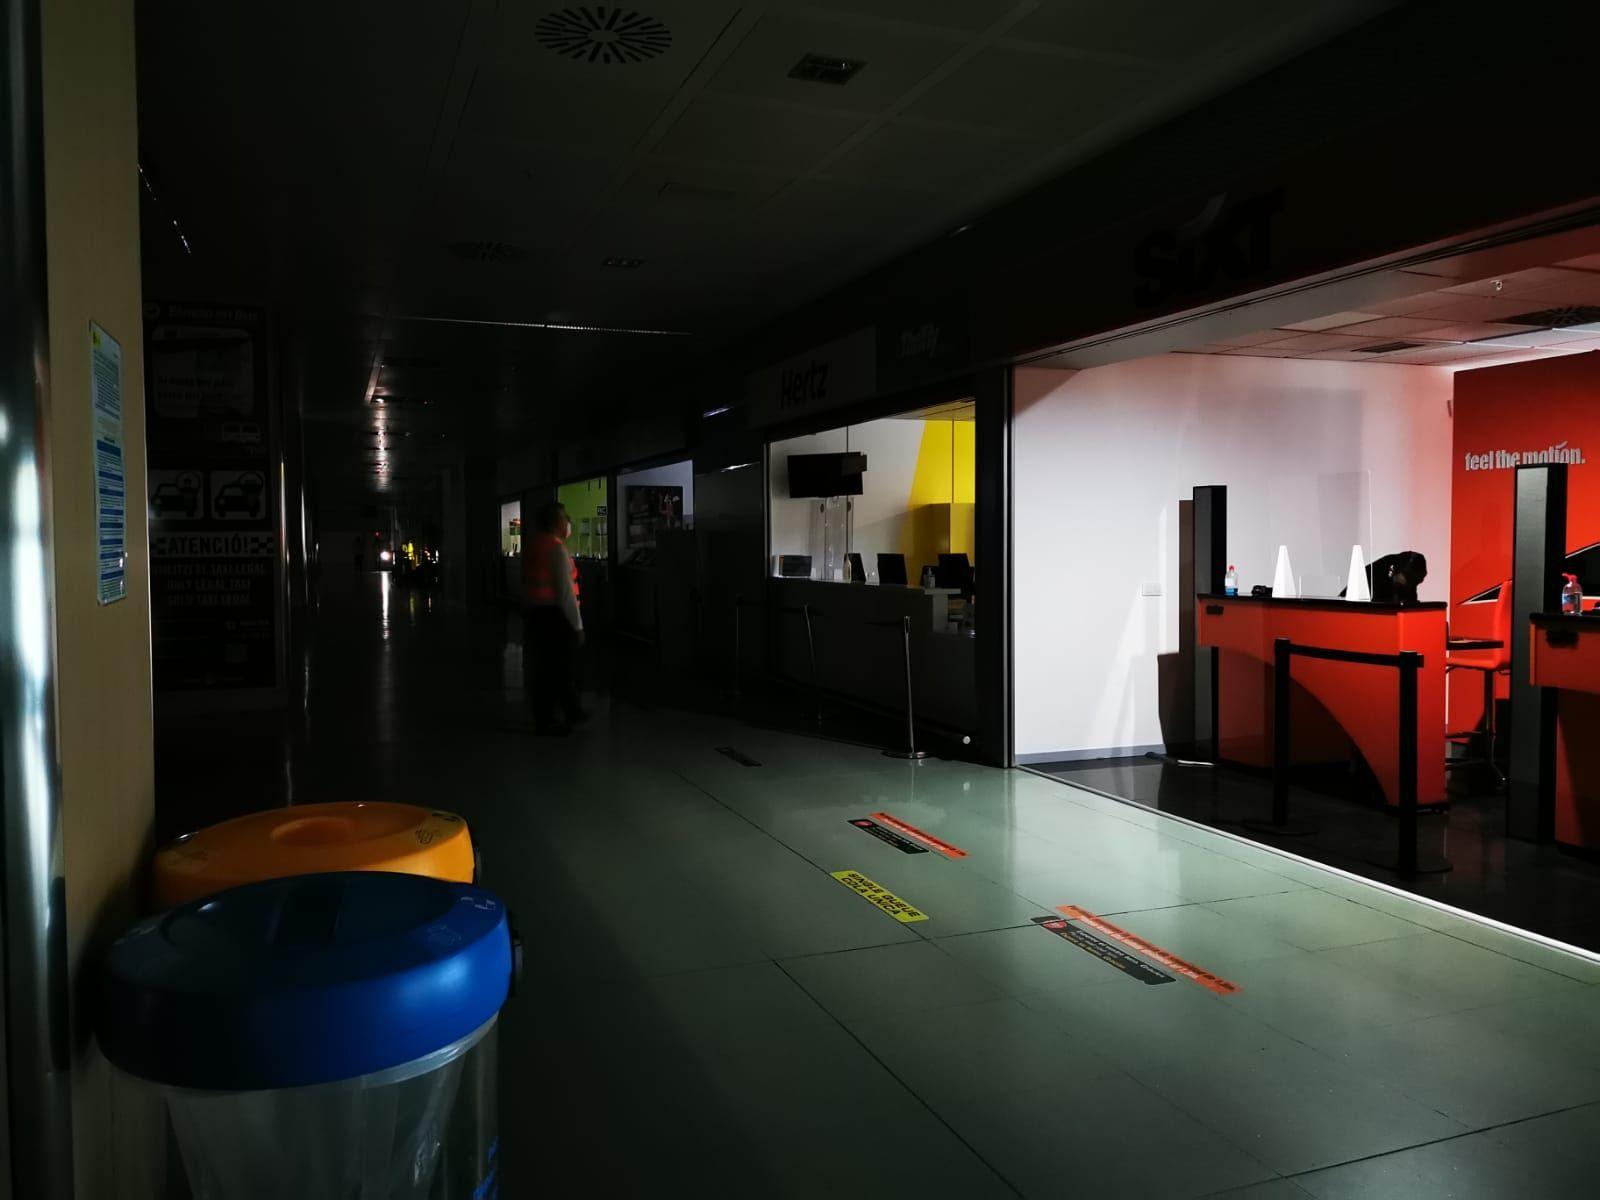 Un incendio en la central eléctrica del aeopuerto de Ibiza ha dejado sin luz las instalaciones